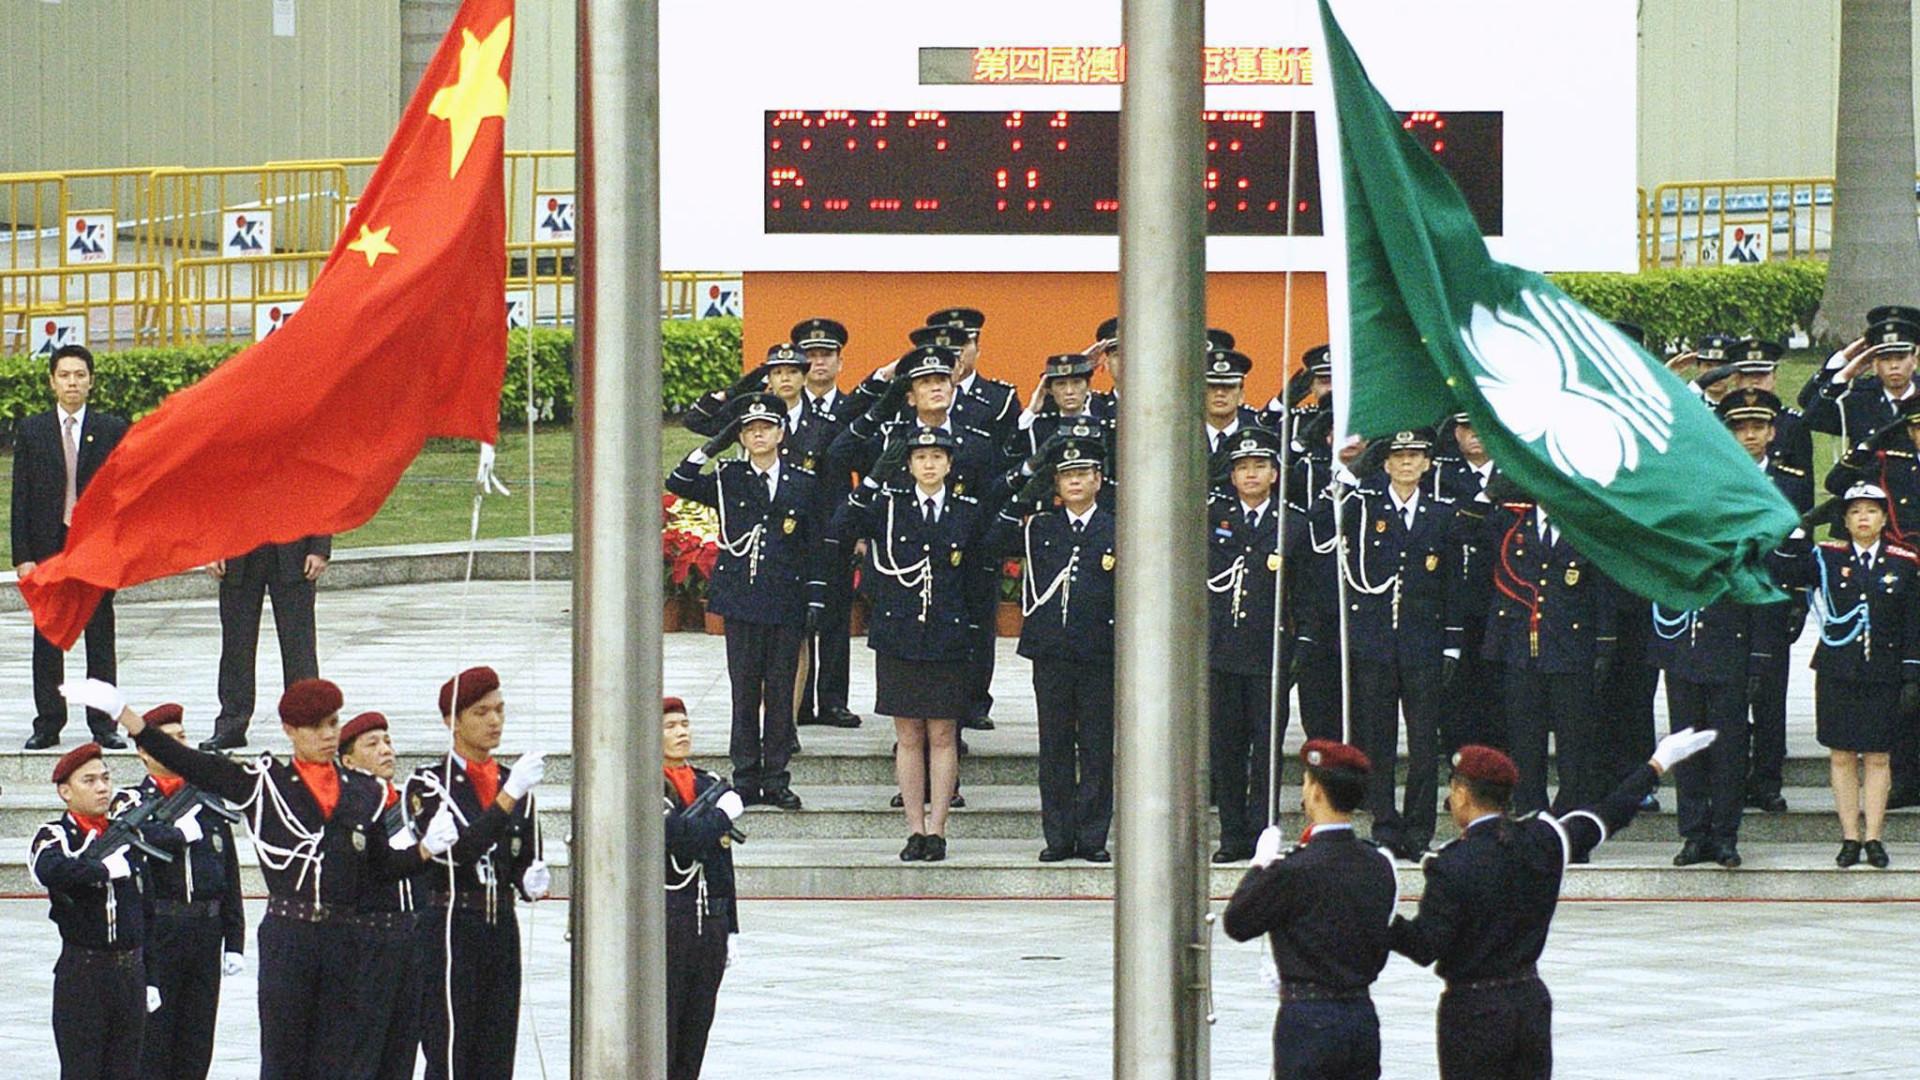 China estuda prender por até três anos quem desrespeitar o hino nacional